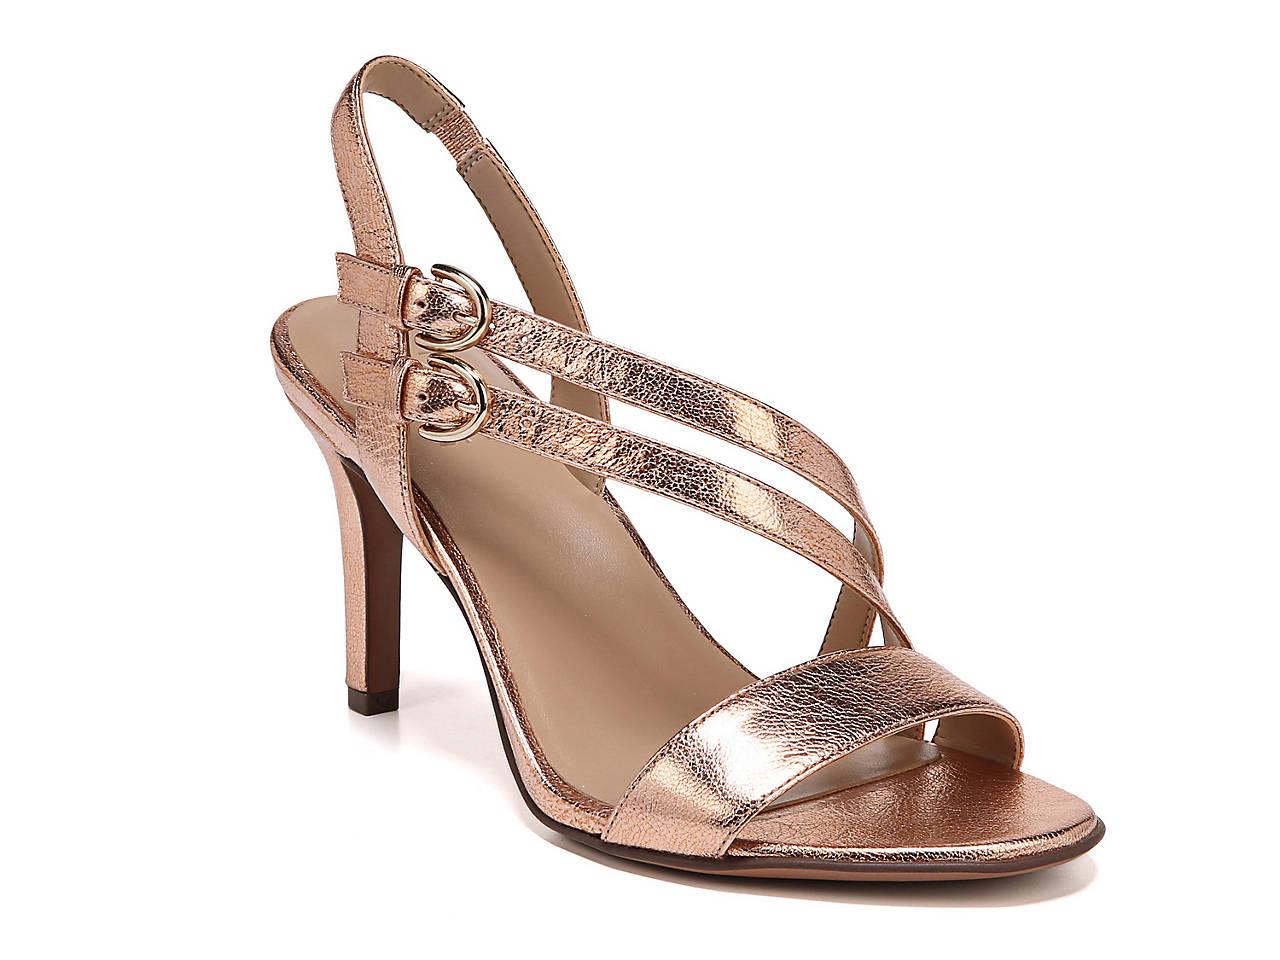 43f79dbb85eb Naturalizer Kayla Sandal Women s Shoes